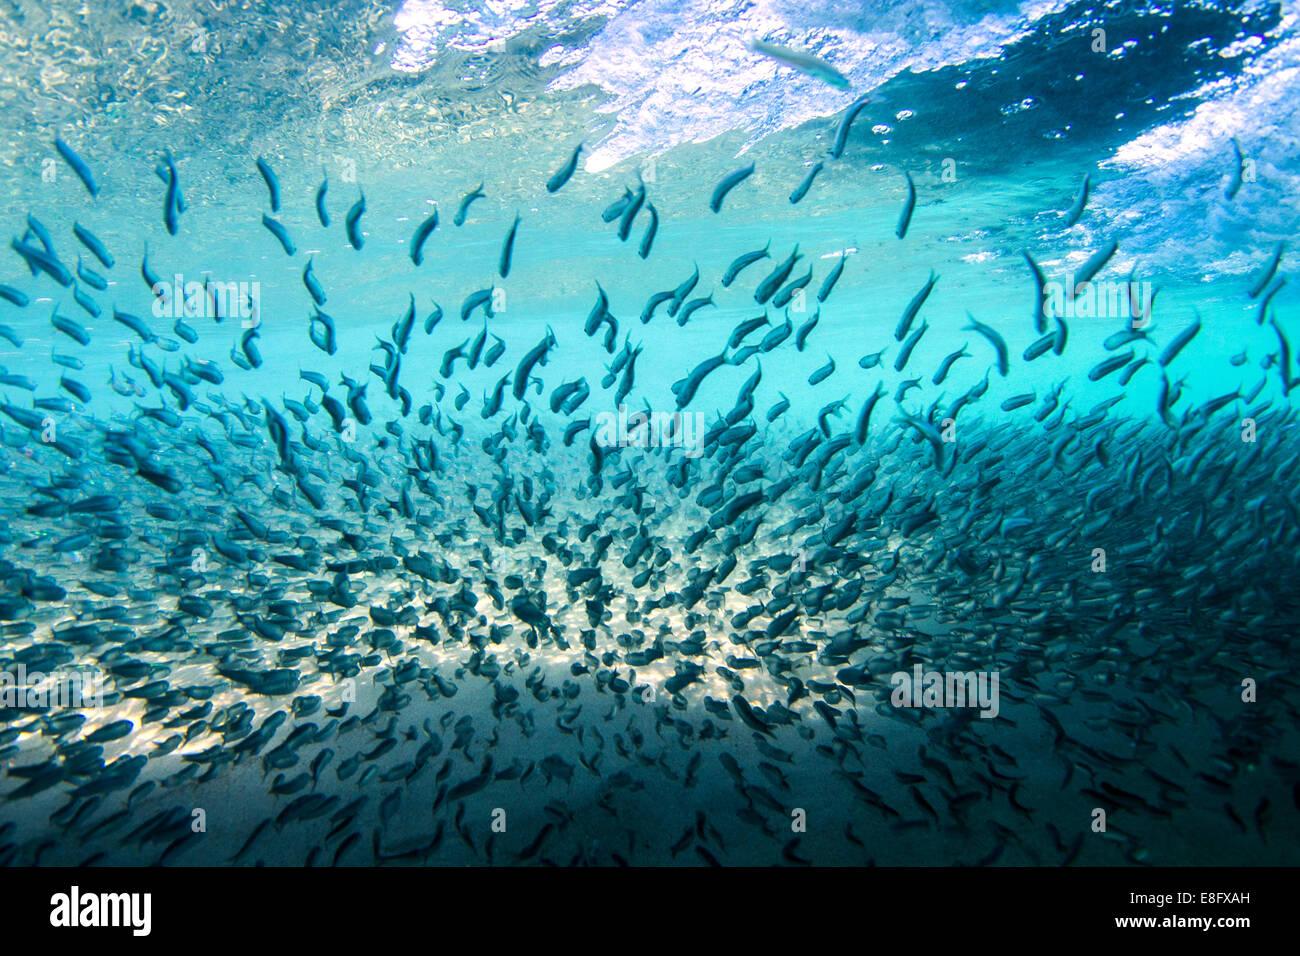 Escuela de peces bajo el agua Imagen De Stock